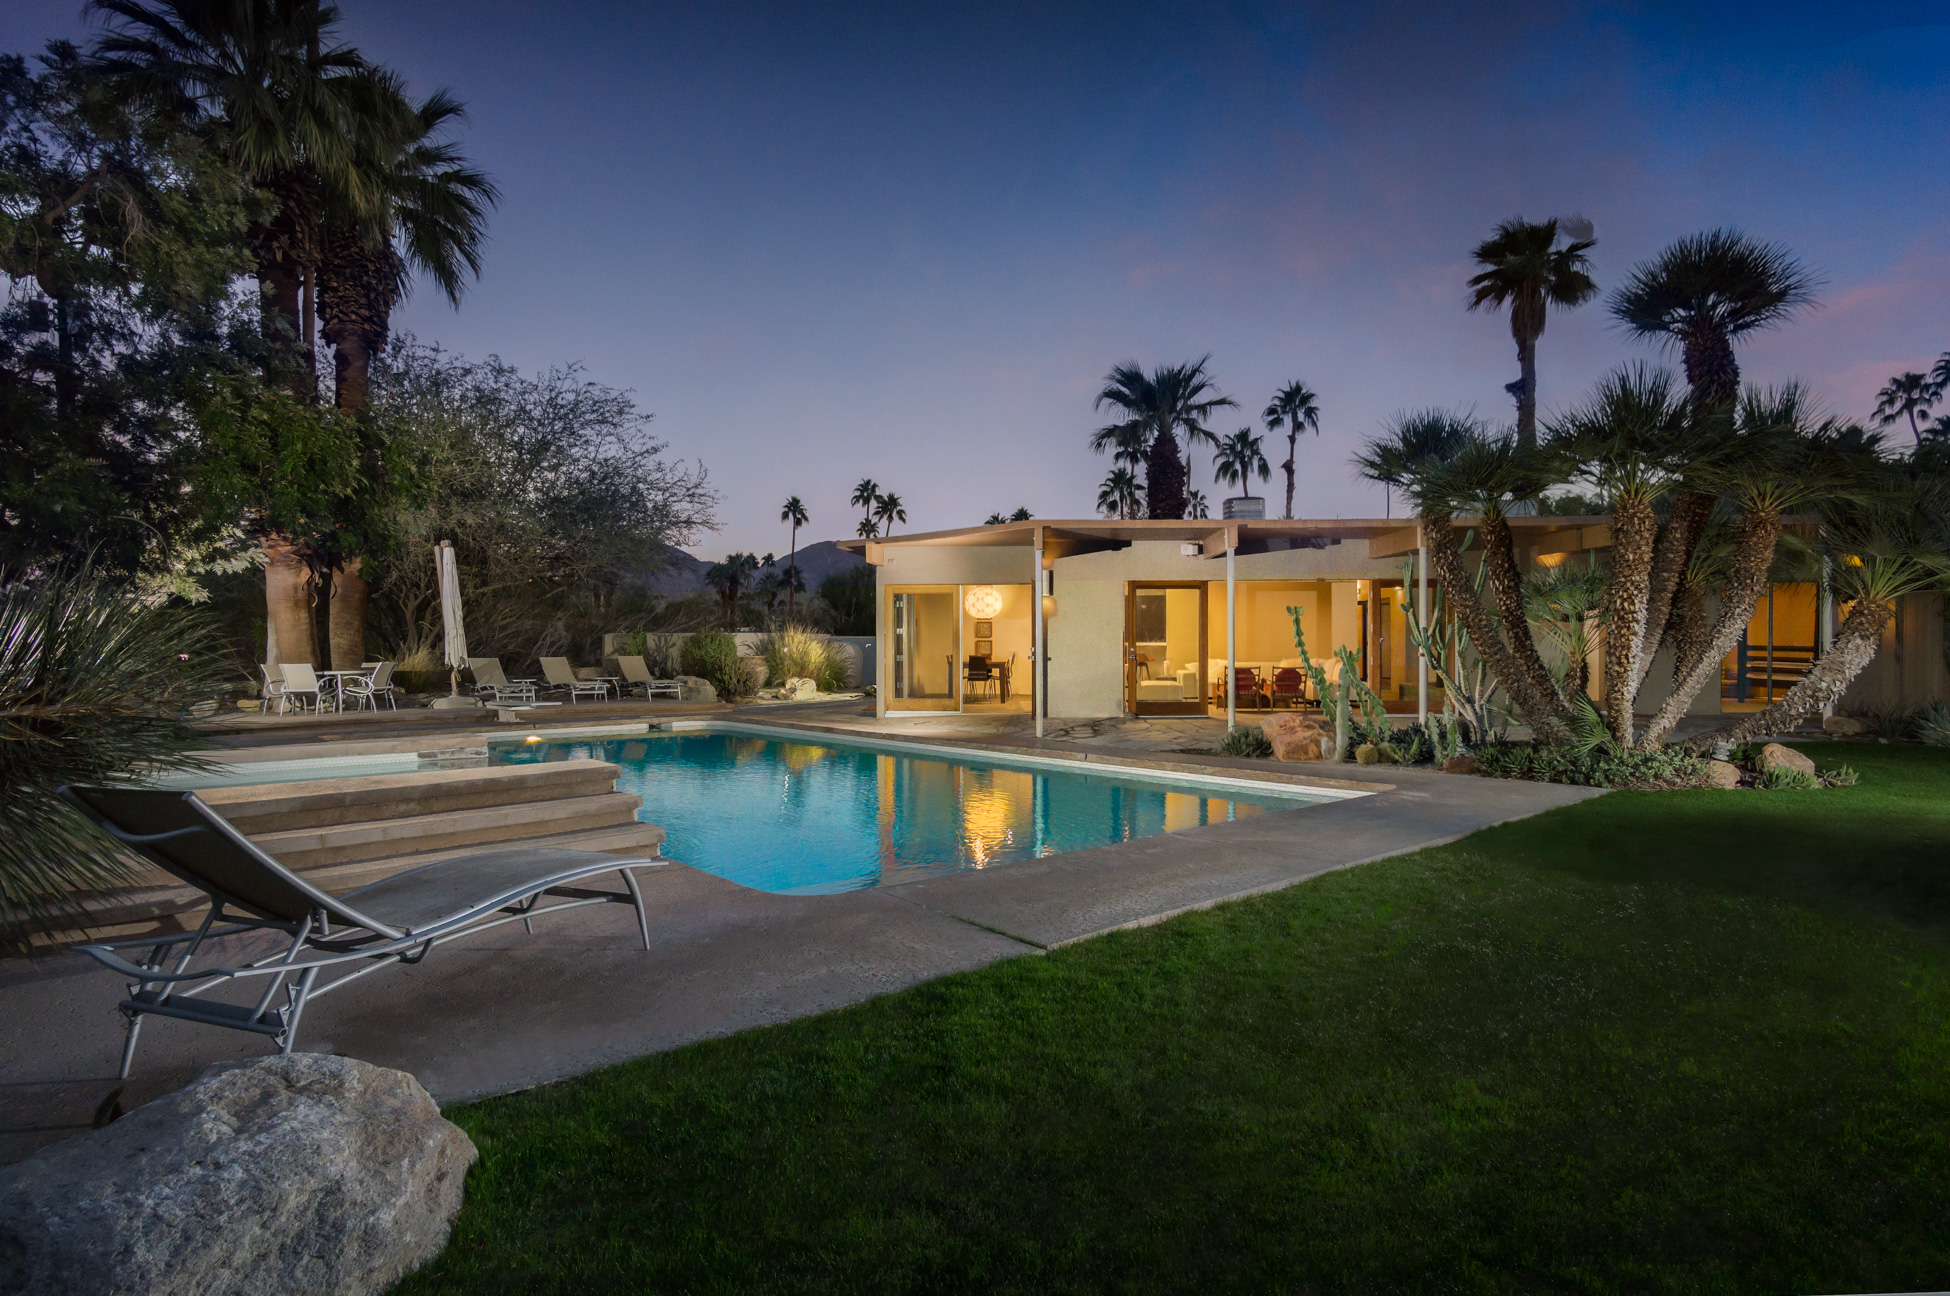 Частный односемейный дом для того Продажа на Upscale Mid Century Modern 73110 Grapevine Street Palm Desert, Калифорния 92260 Соединенные Штаты